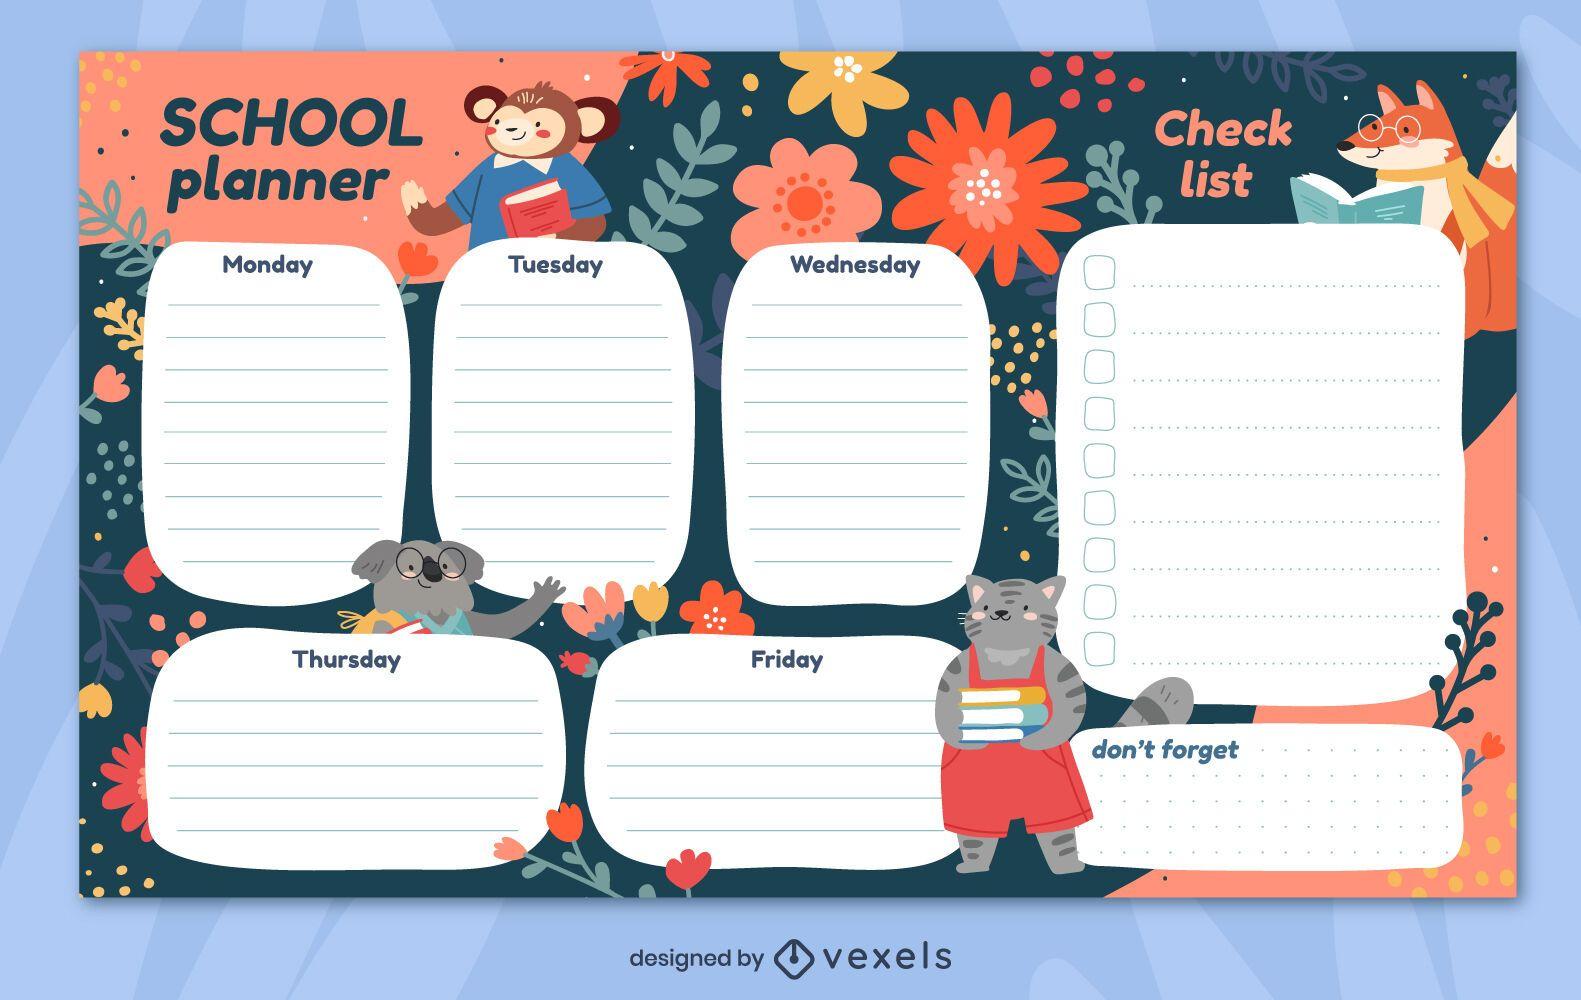 School floral weekly planner design